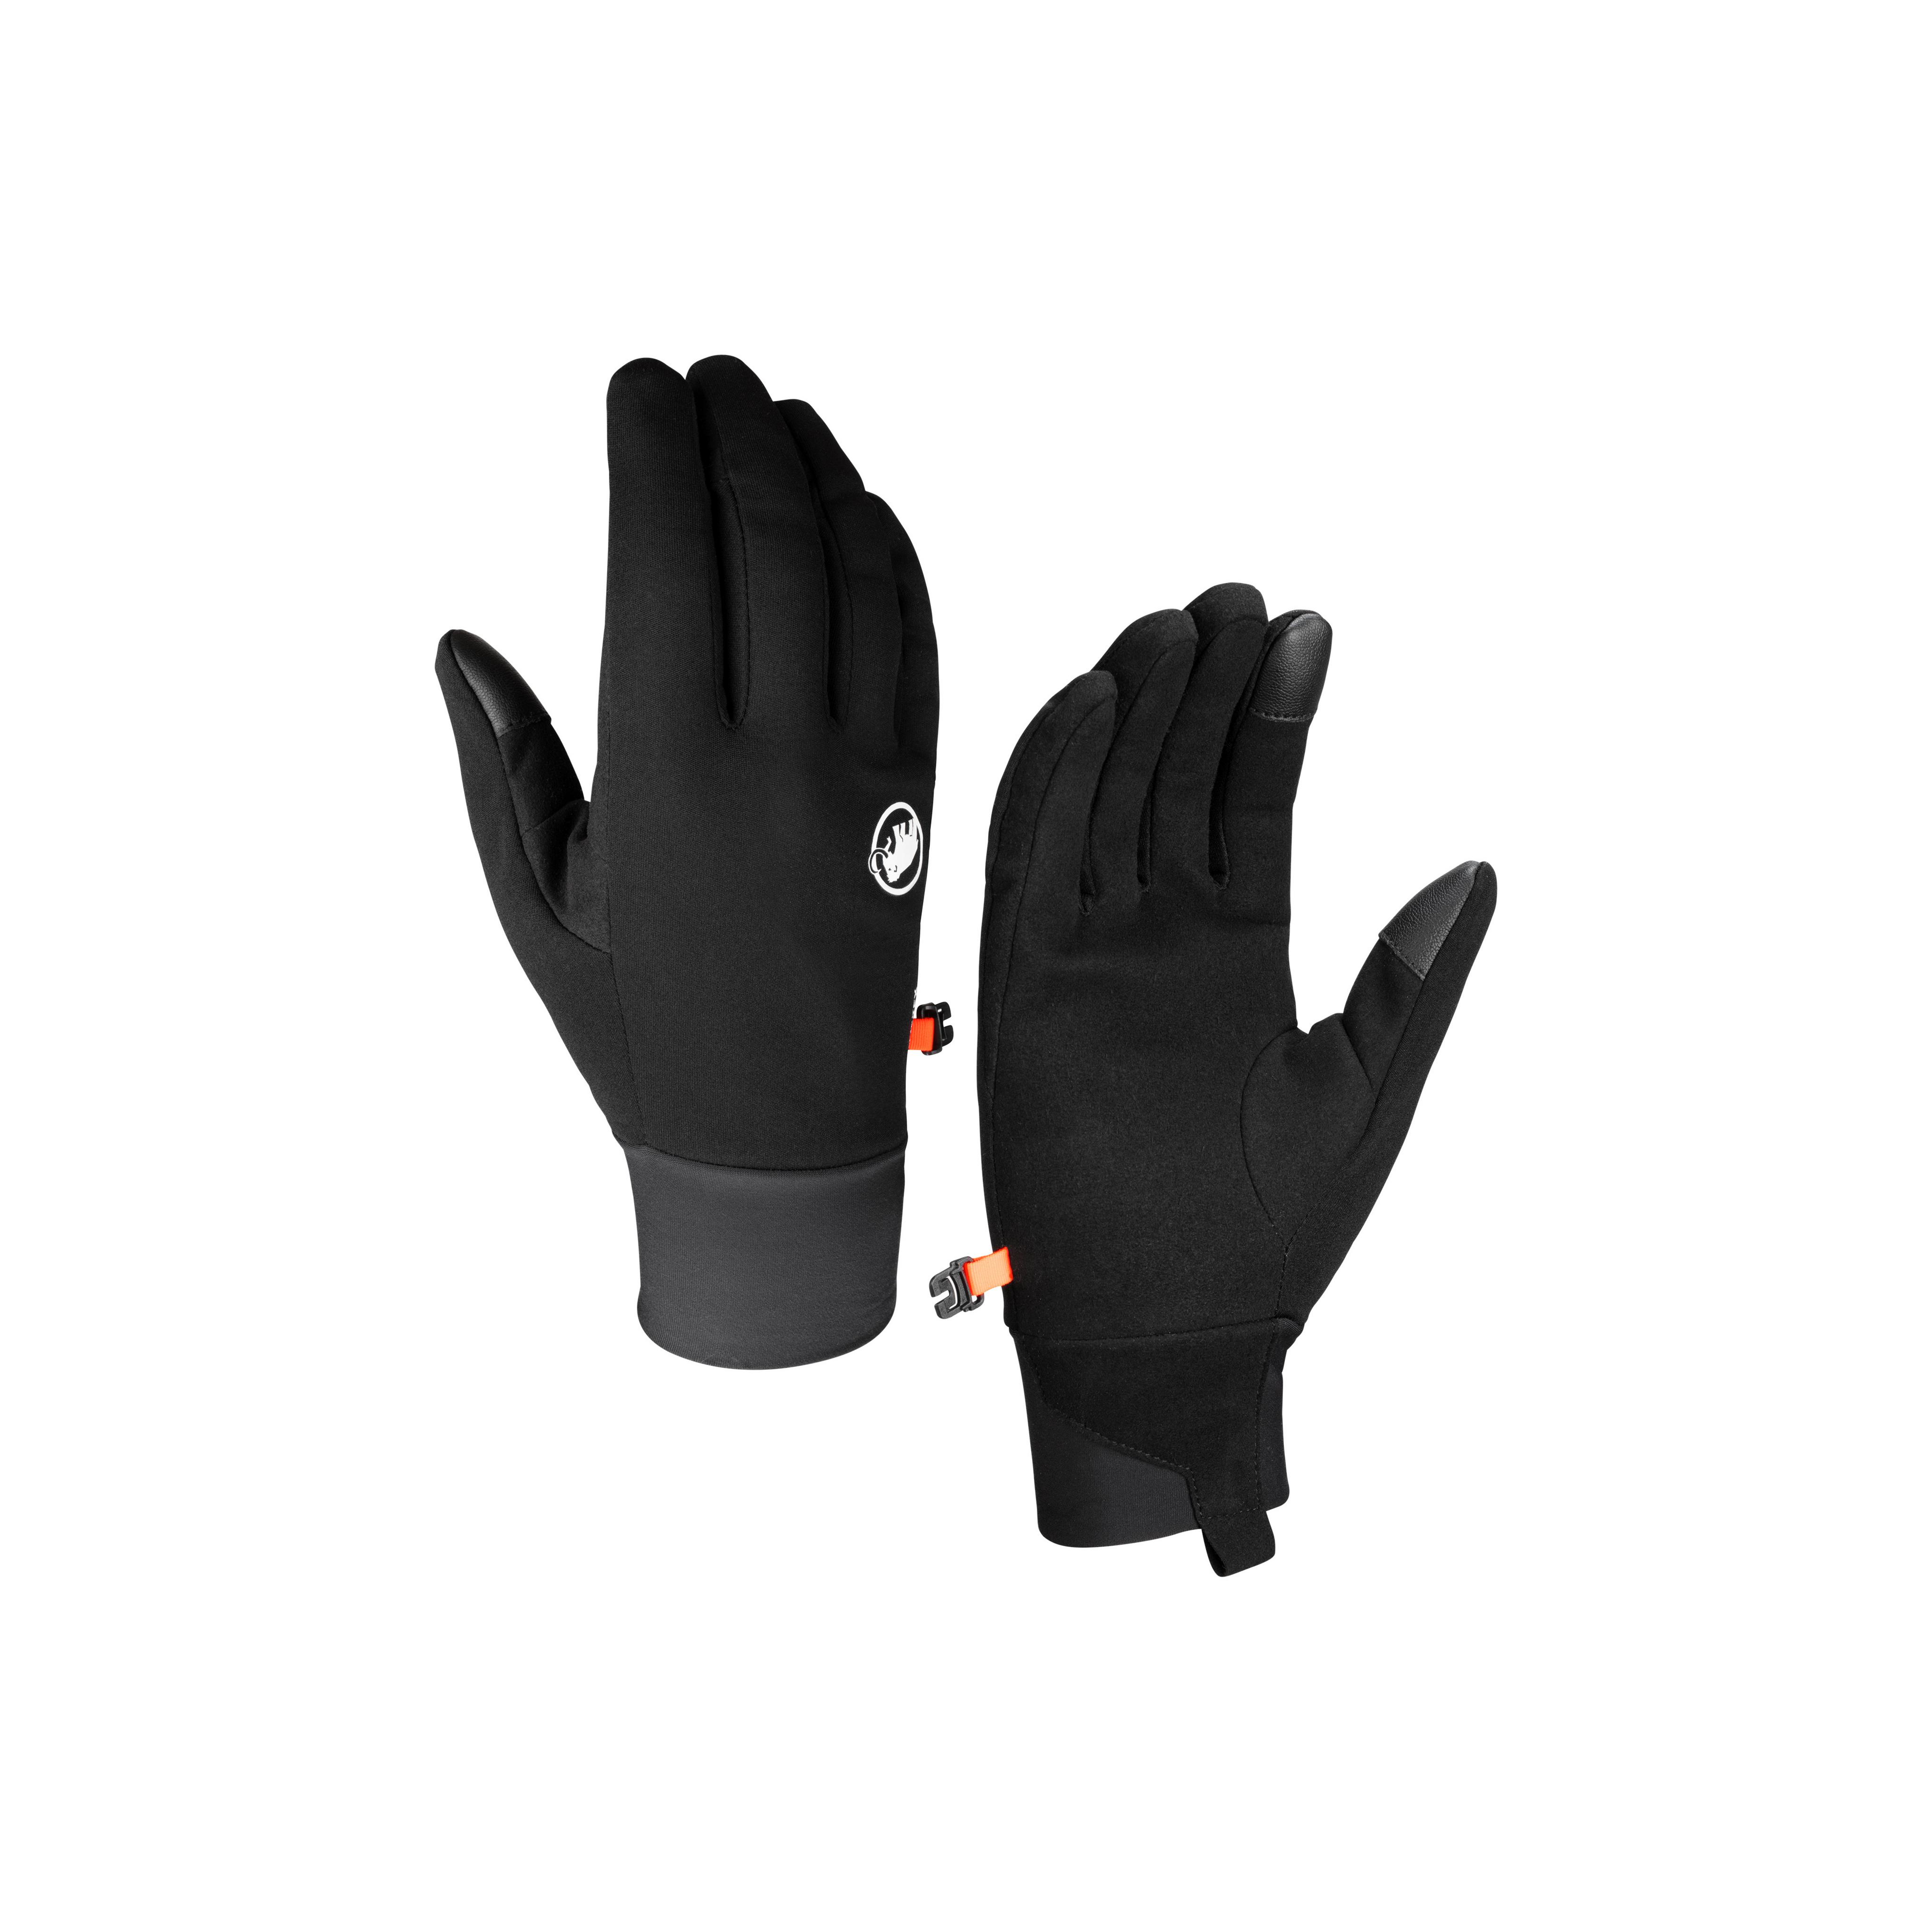 Astro Glove - 5, black thumbnail